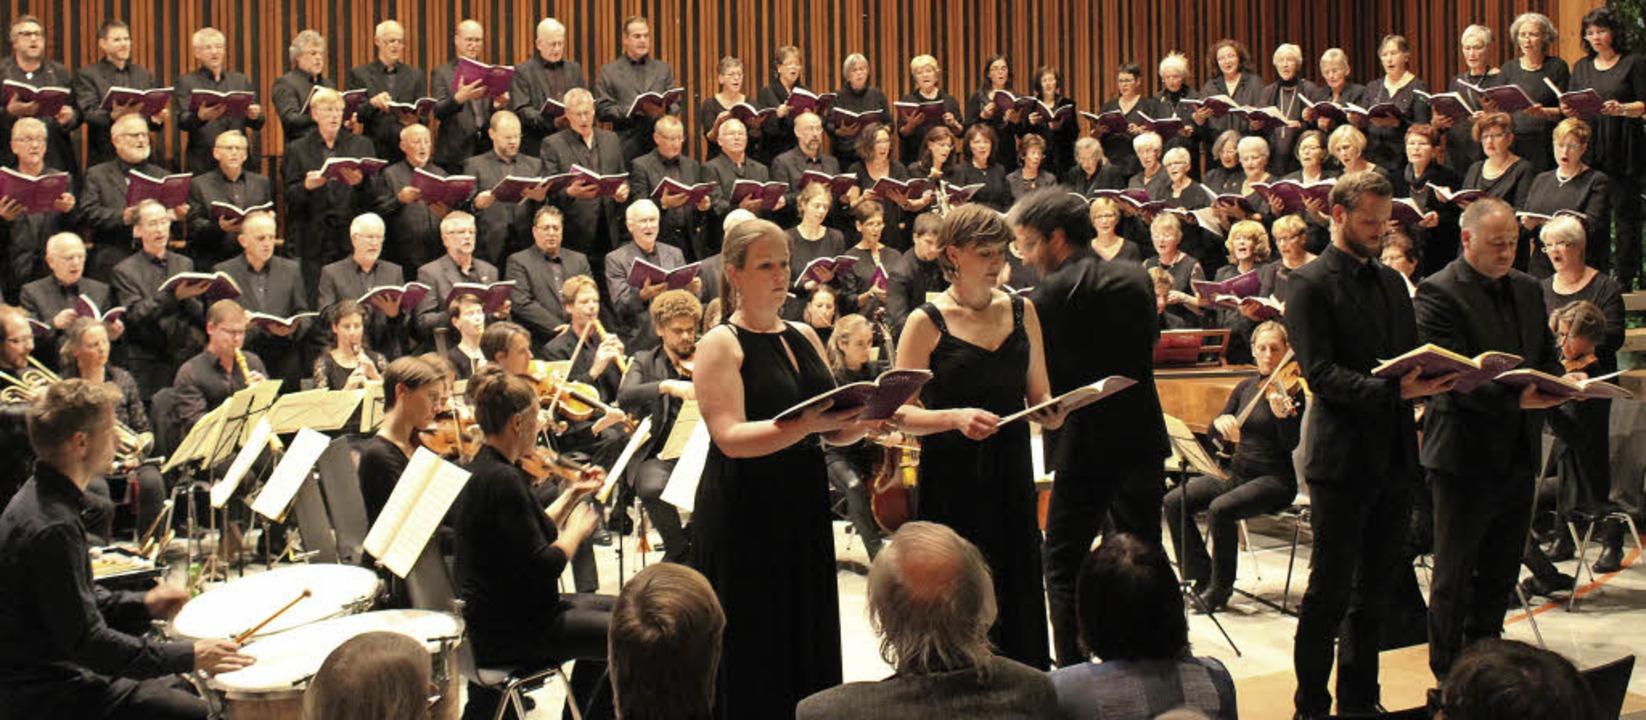 Die mitwirkenden Sänger und Musiker bo... Gundelfingen einen bewegenden Abend.   | Foto: Erich Krieger